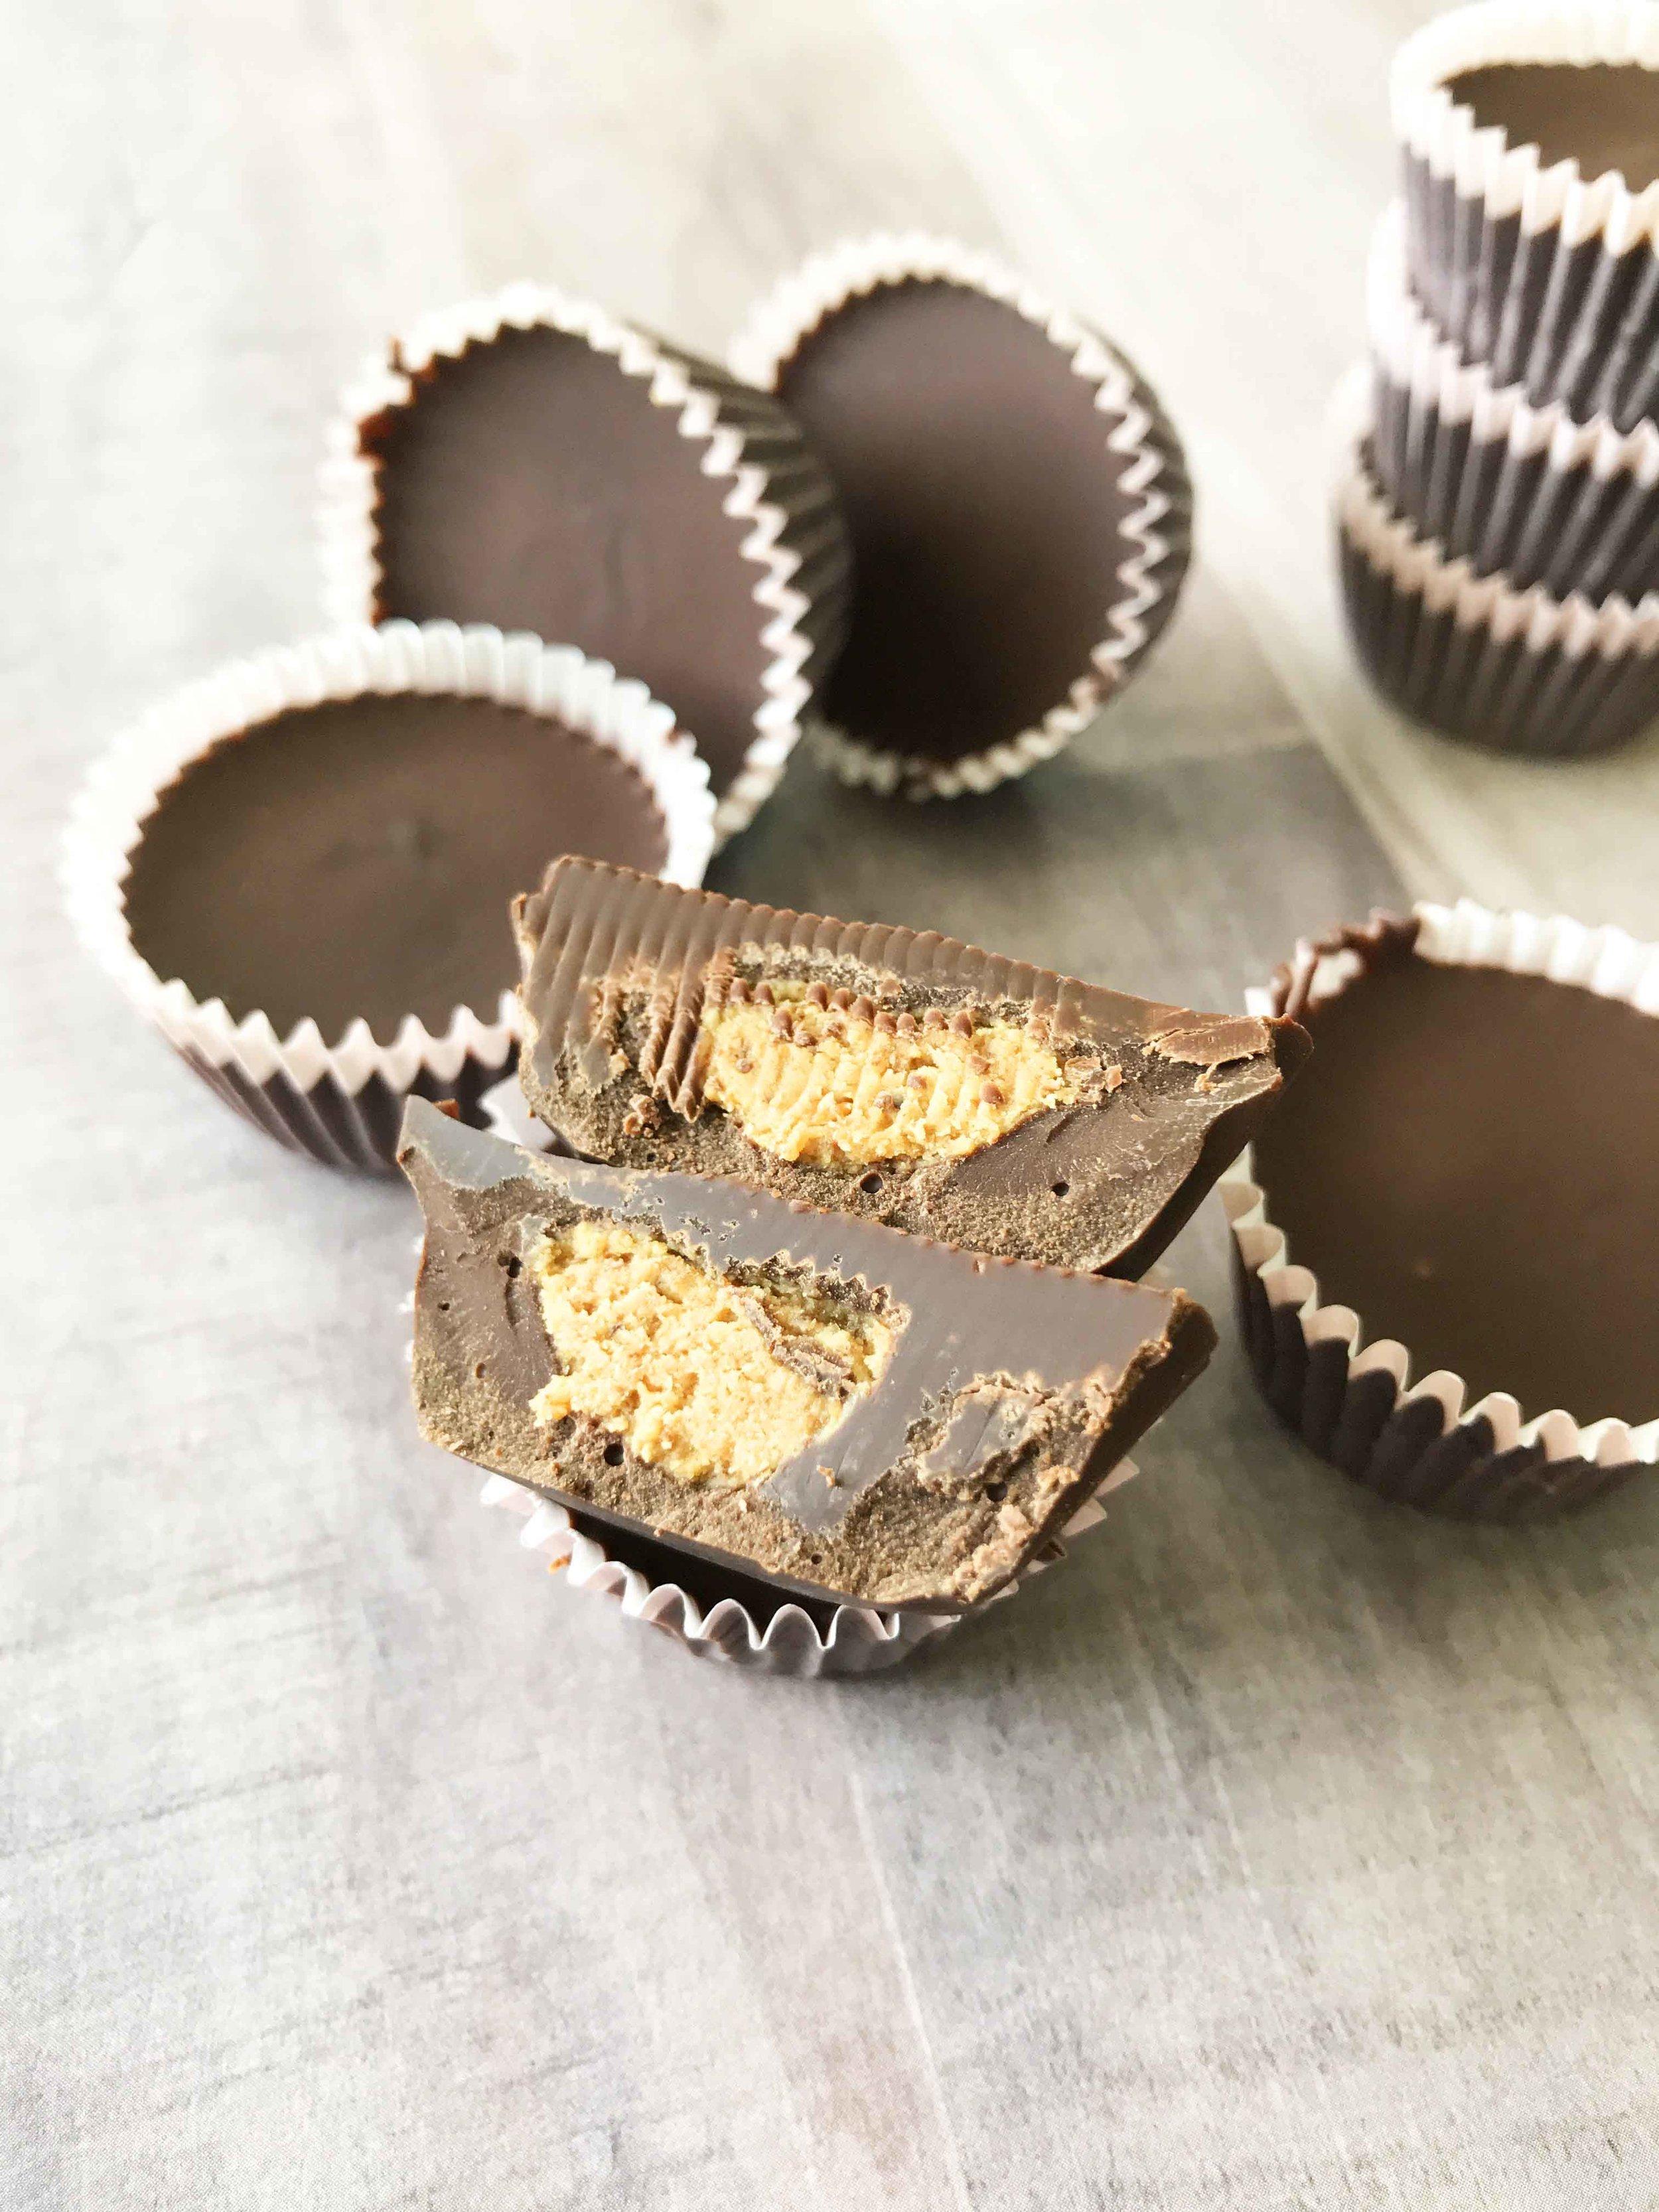 peanut-butter-cups3.jpg